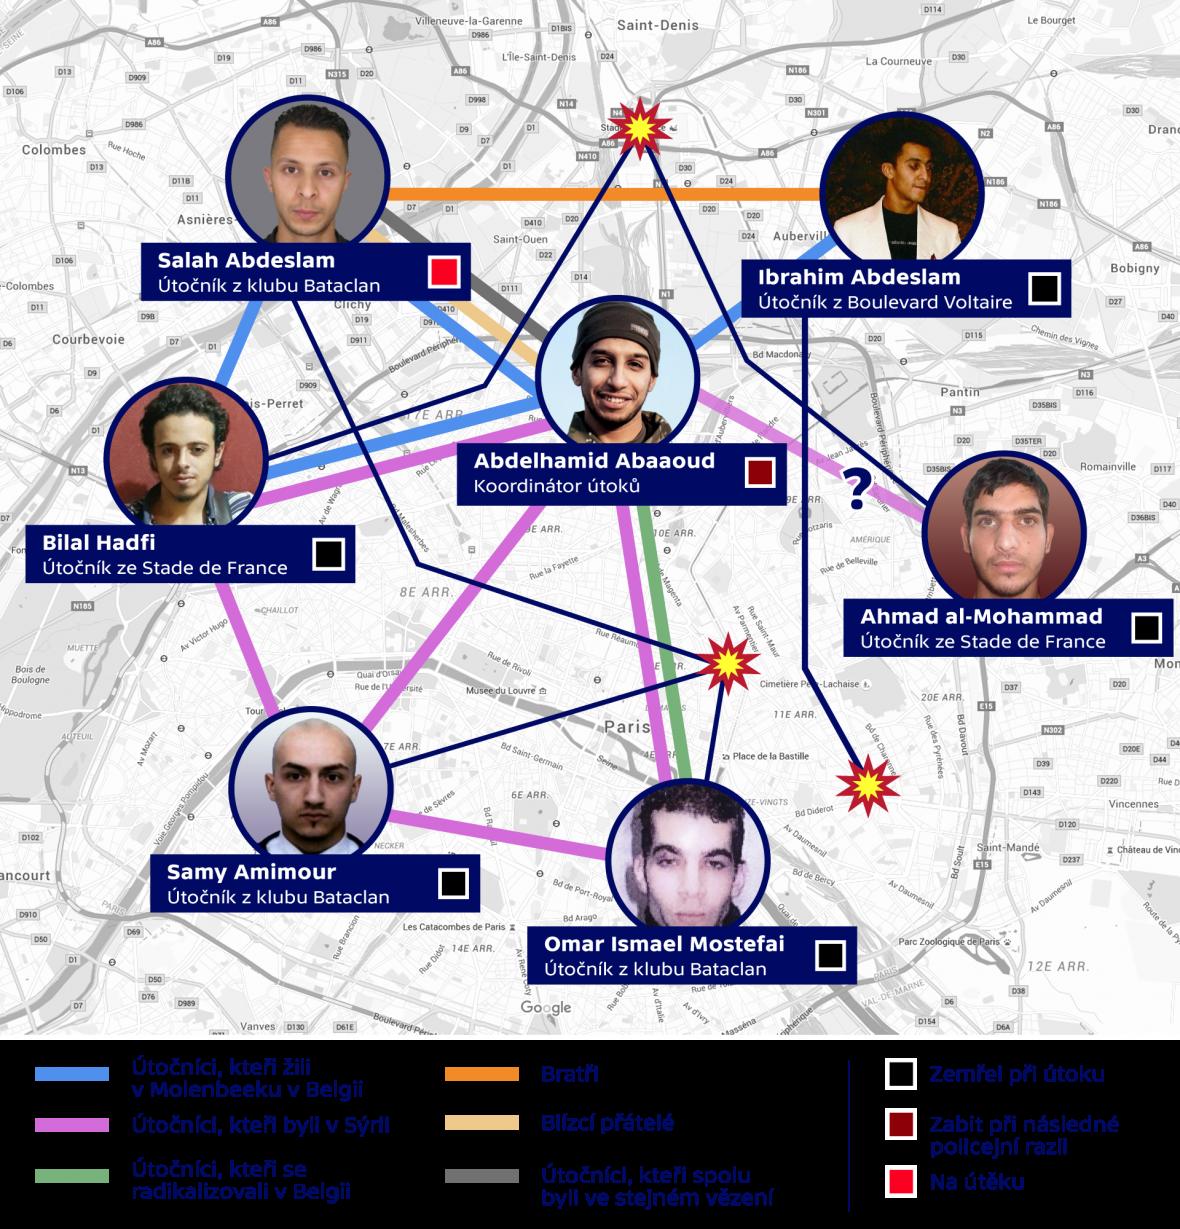 Vazby mezi útočníky z Paříže